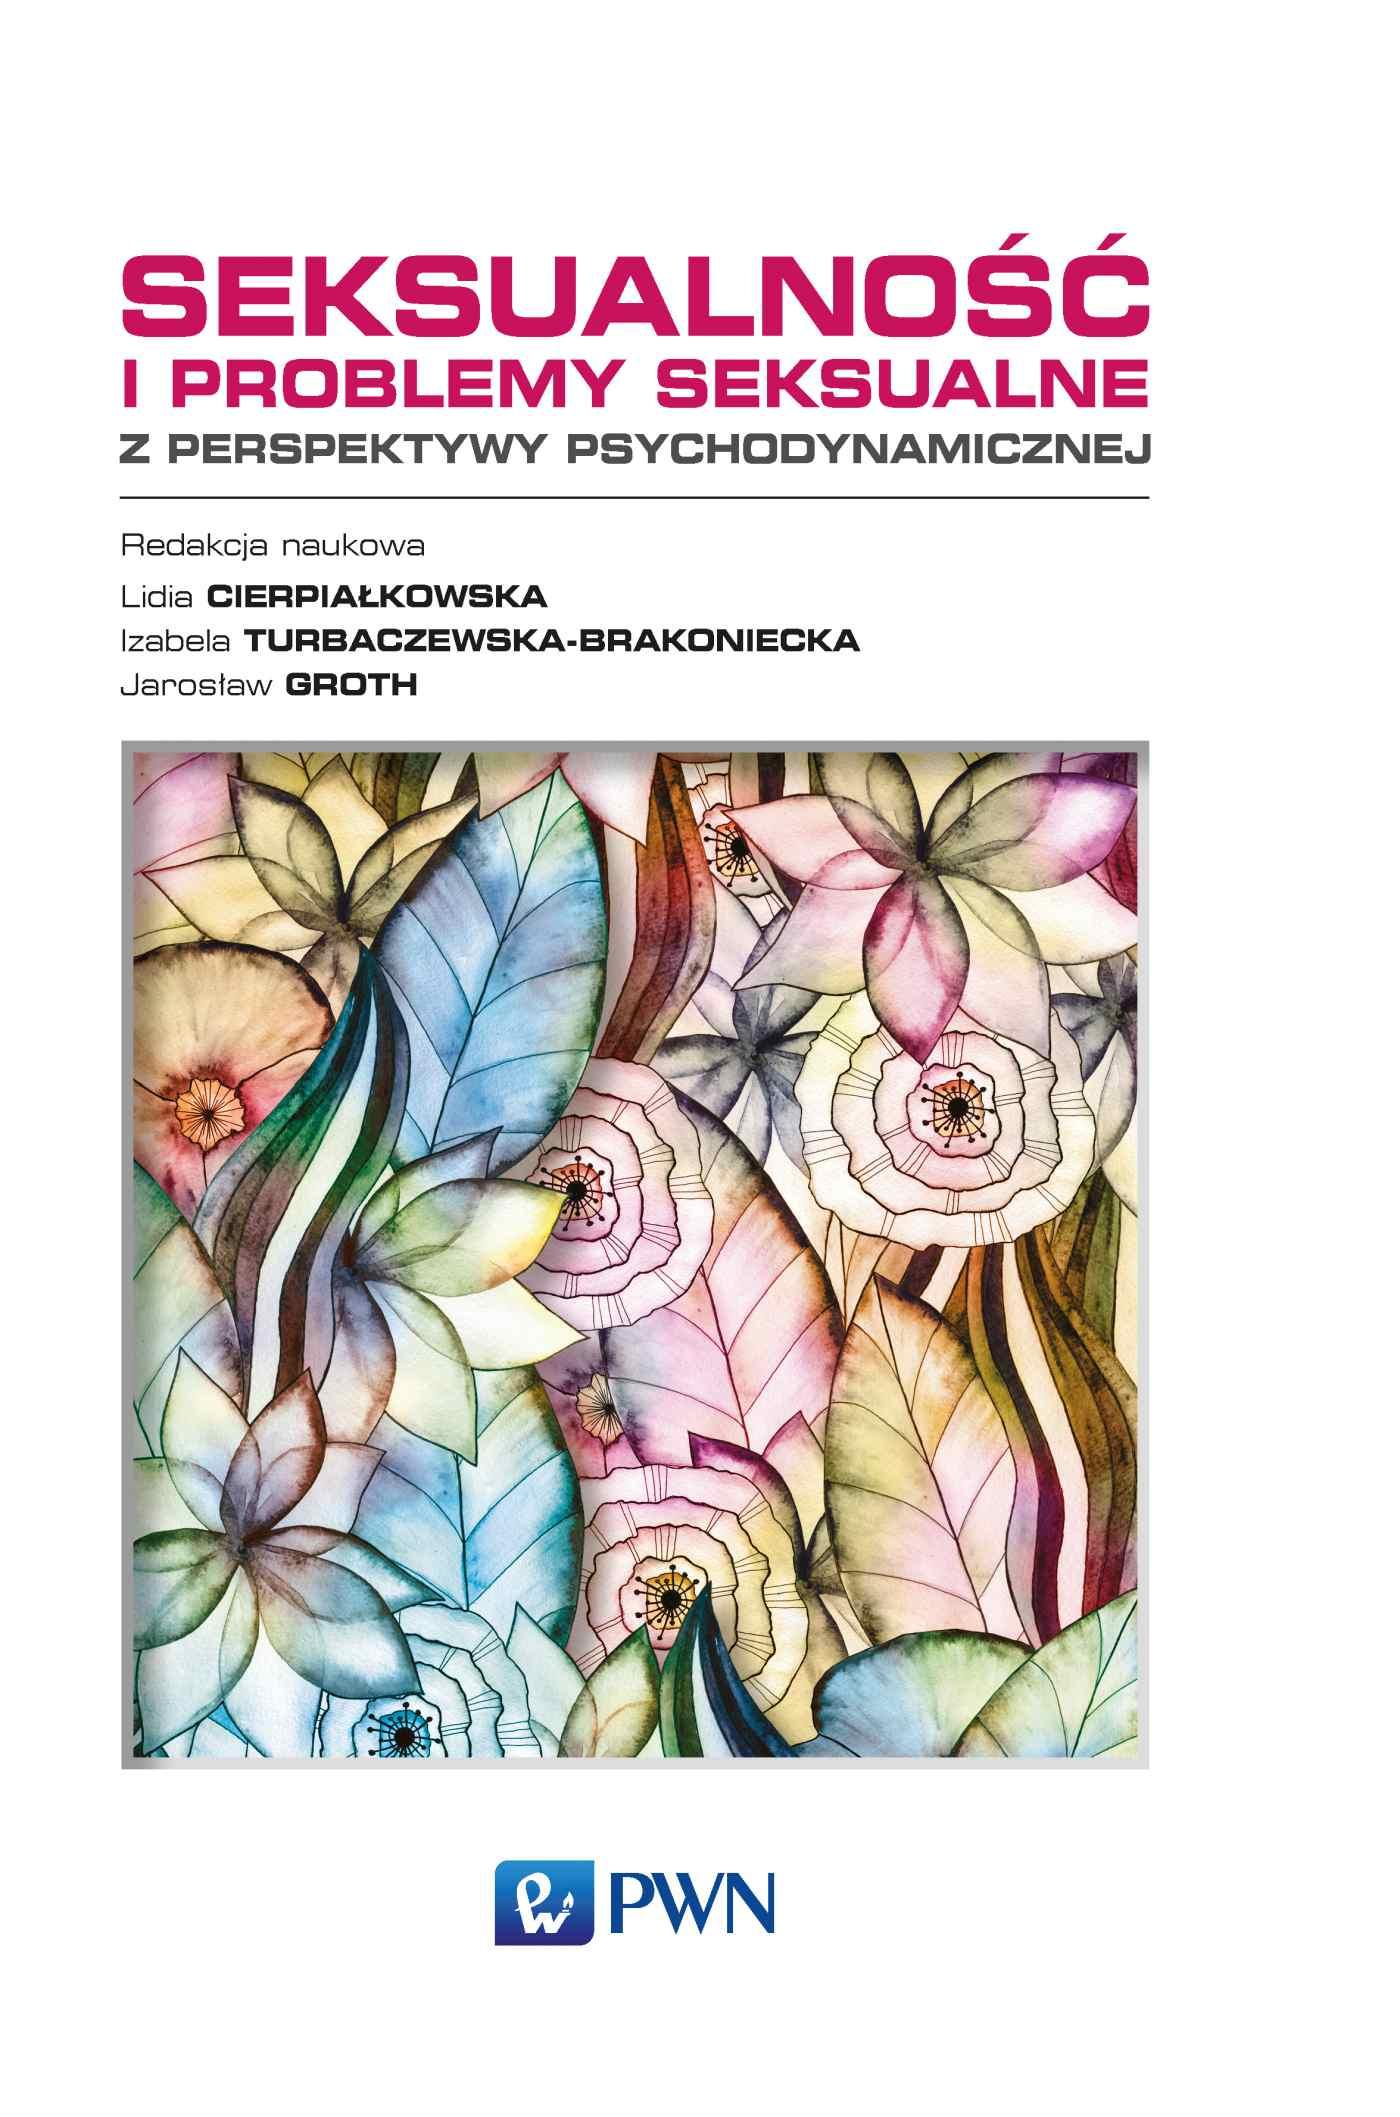 Seksualność i problemy seksualne. Z perspektywy psychodynamicznej - Ebook (Książka na Kindle) do pobrania w formacie MOBI